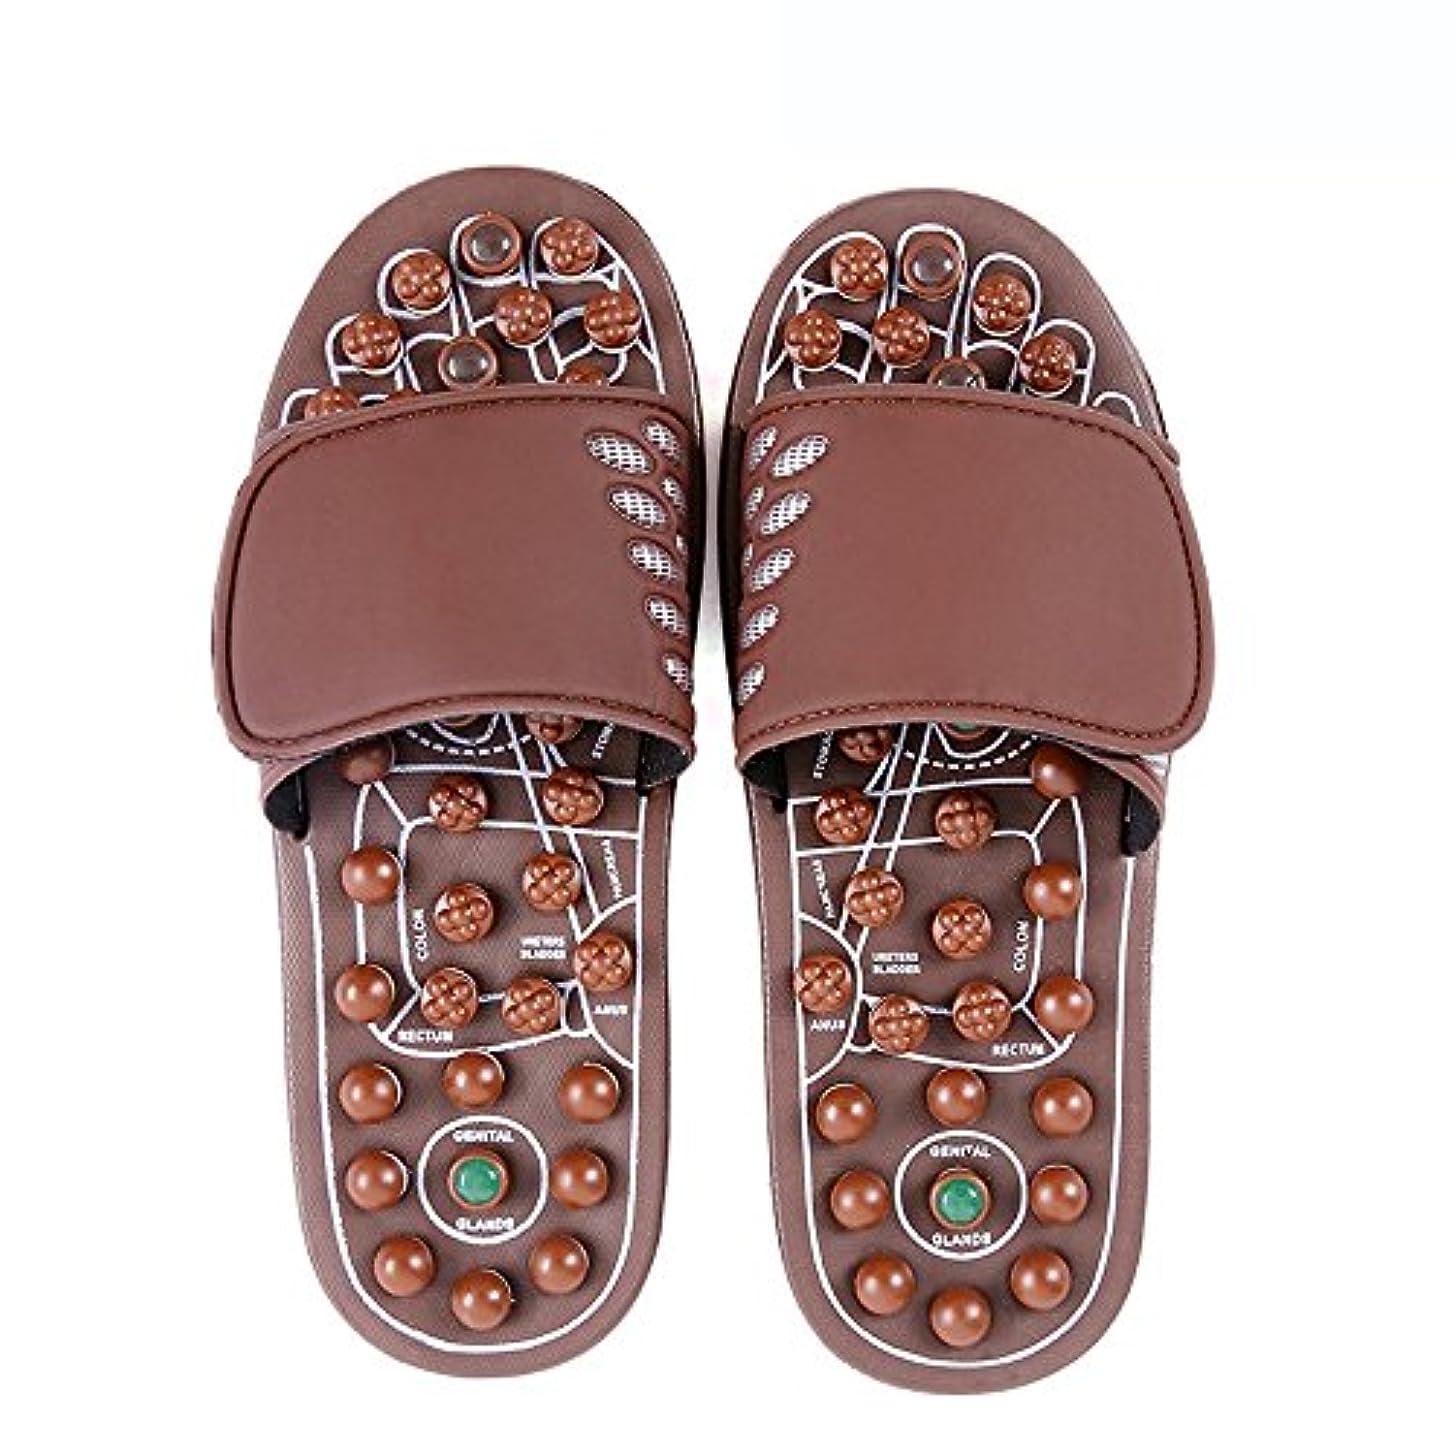 一瞬することになっている植生快適 ジェイドマッサージスリッパ女性の足指圧ホームシューズ滑り止めスリッパ屋内マッサージシューズ(オプションのサイズ) 増加した (サイズ さいず : L(43-46))